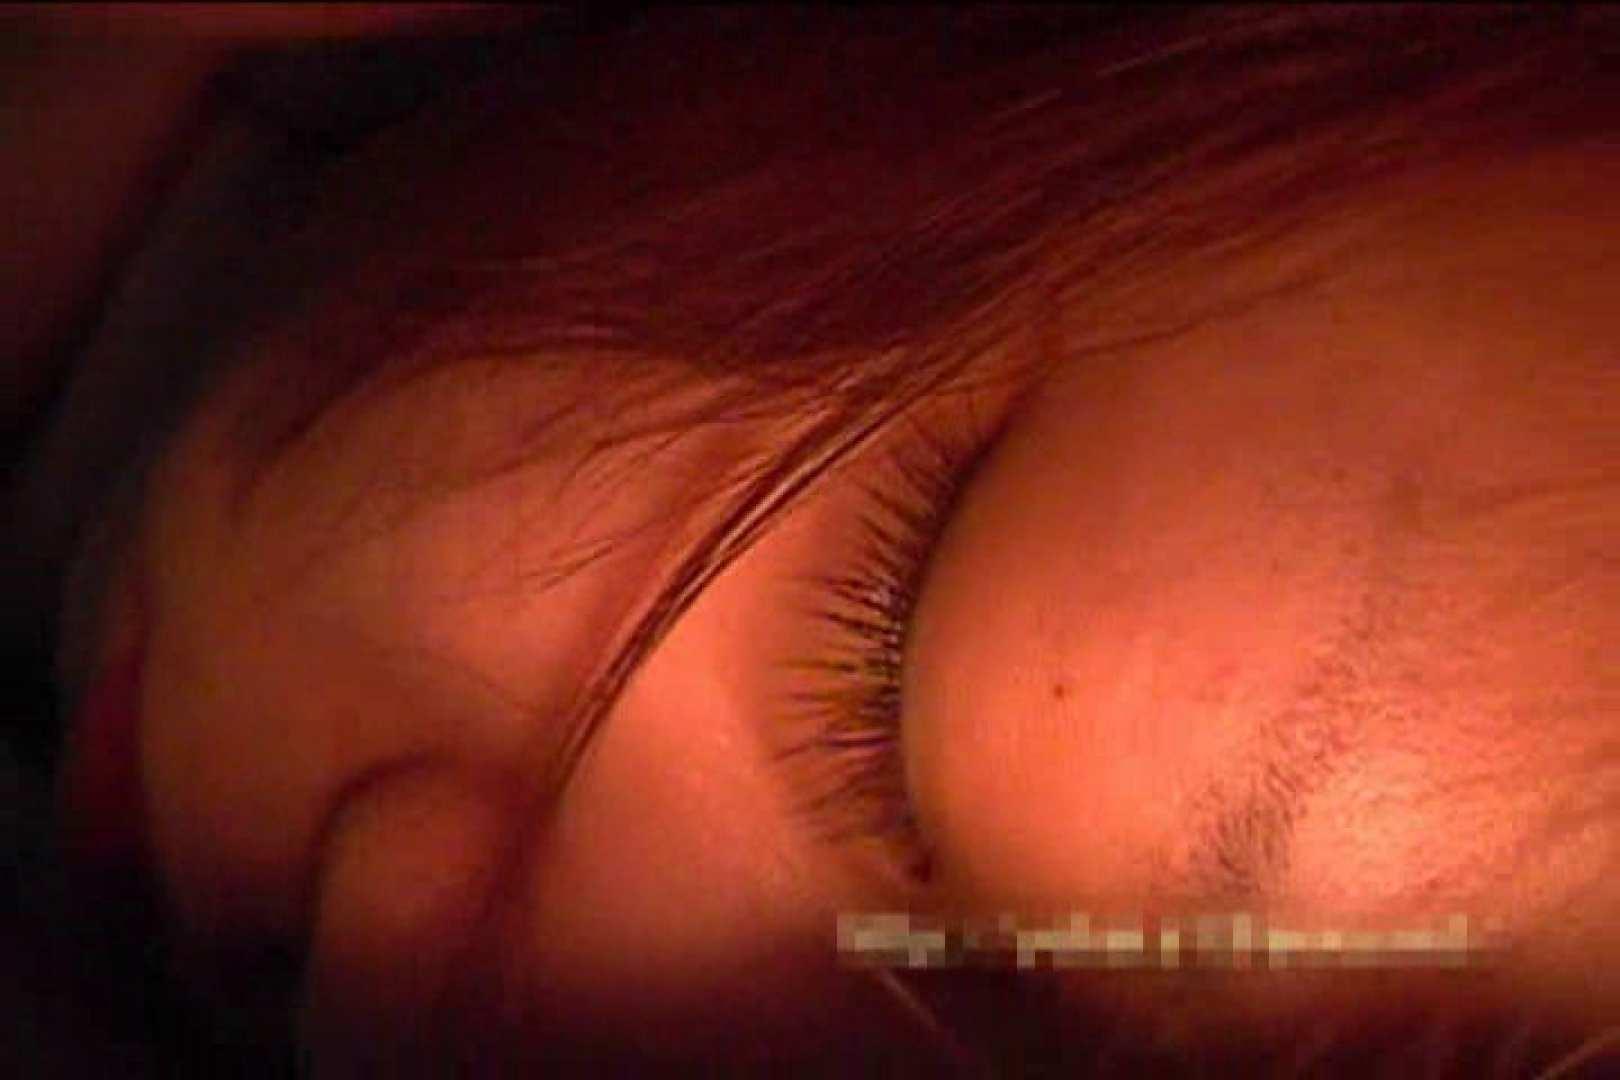 今夜妻を犯しますVol.4 OLセックス 隠し撮りおまんこ動画流出 49画像 41